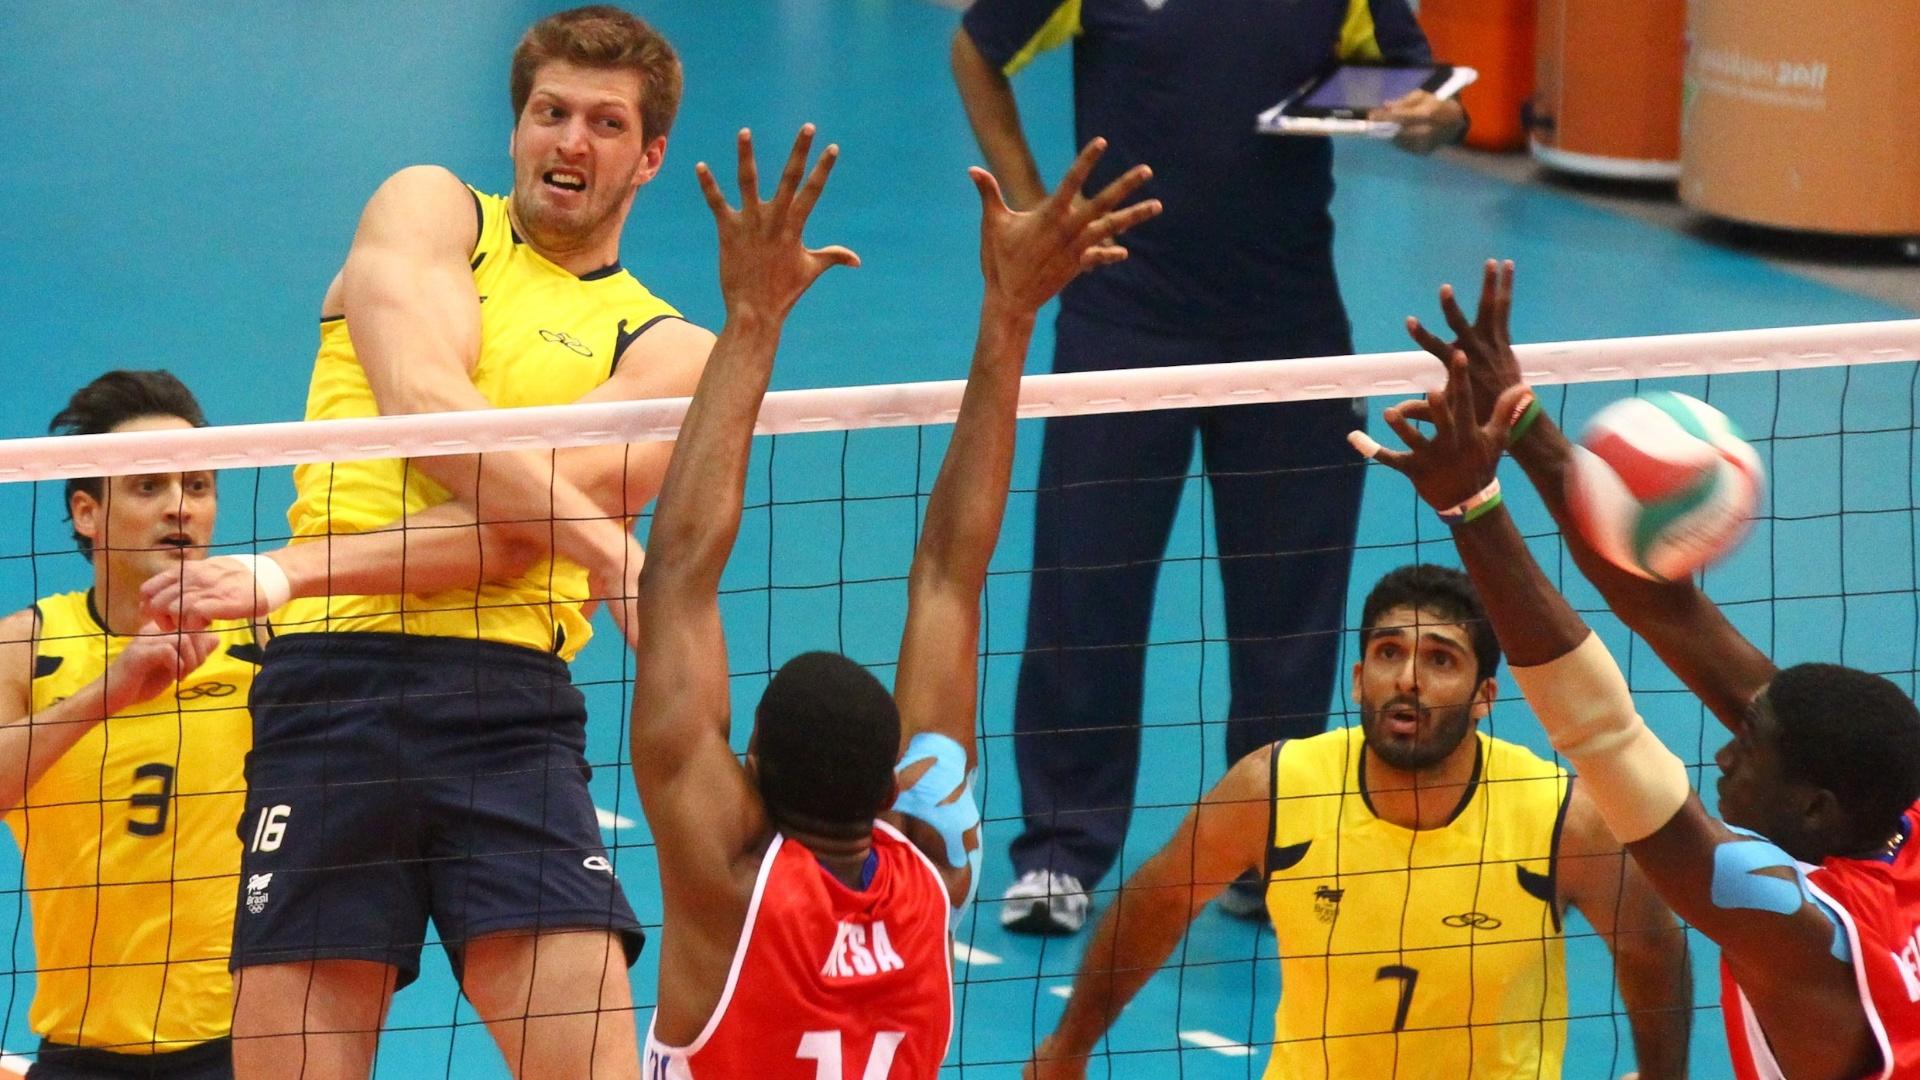 Éder ataca contra o bloqueio de Cuba na decisão da medalha de ouro no vôlei masculino (29/10/2011)